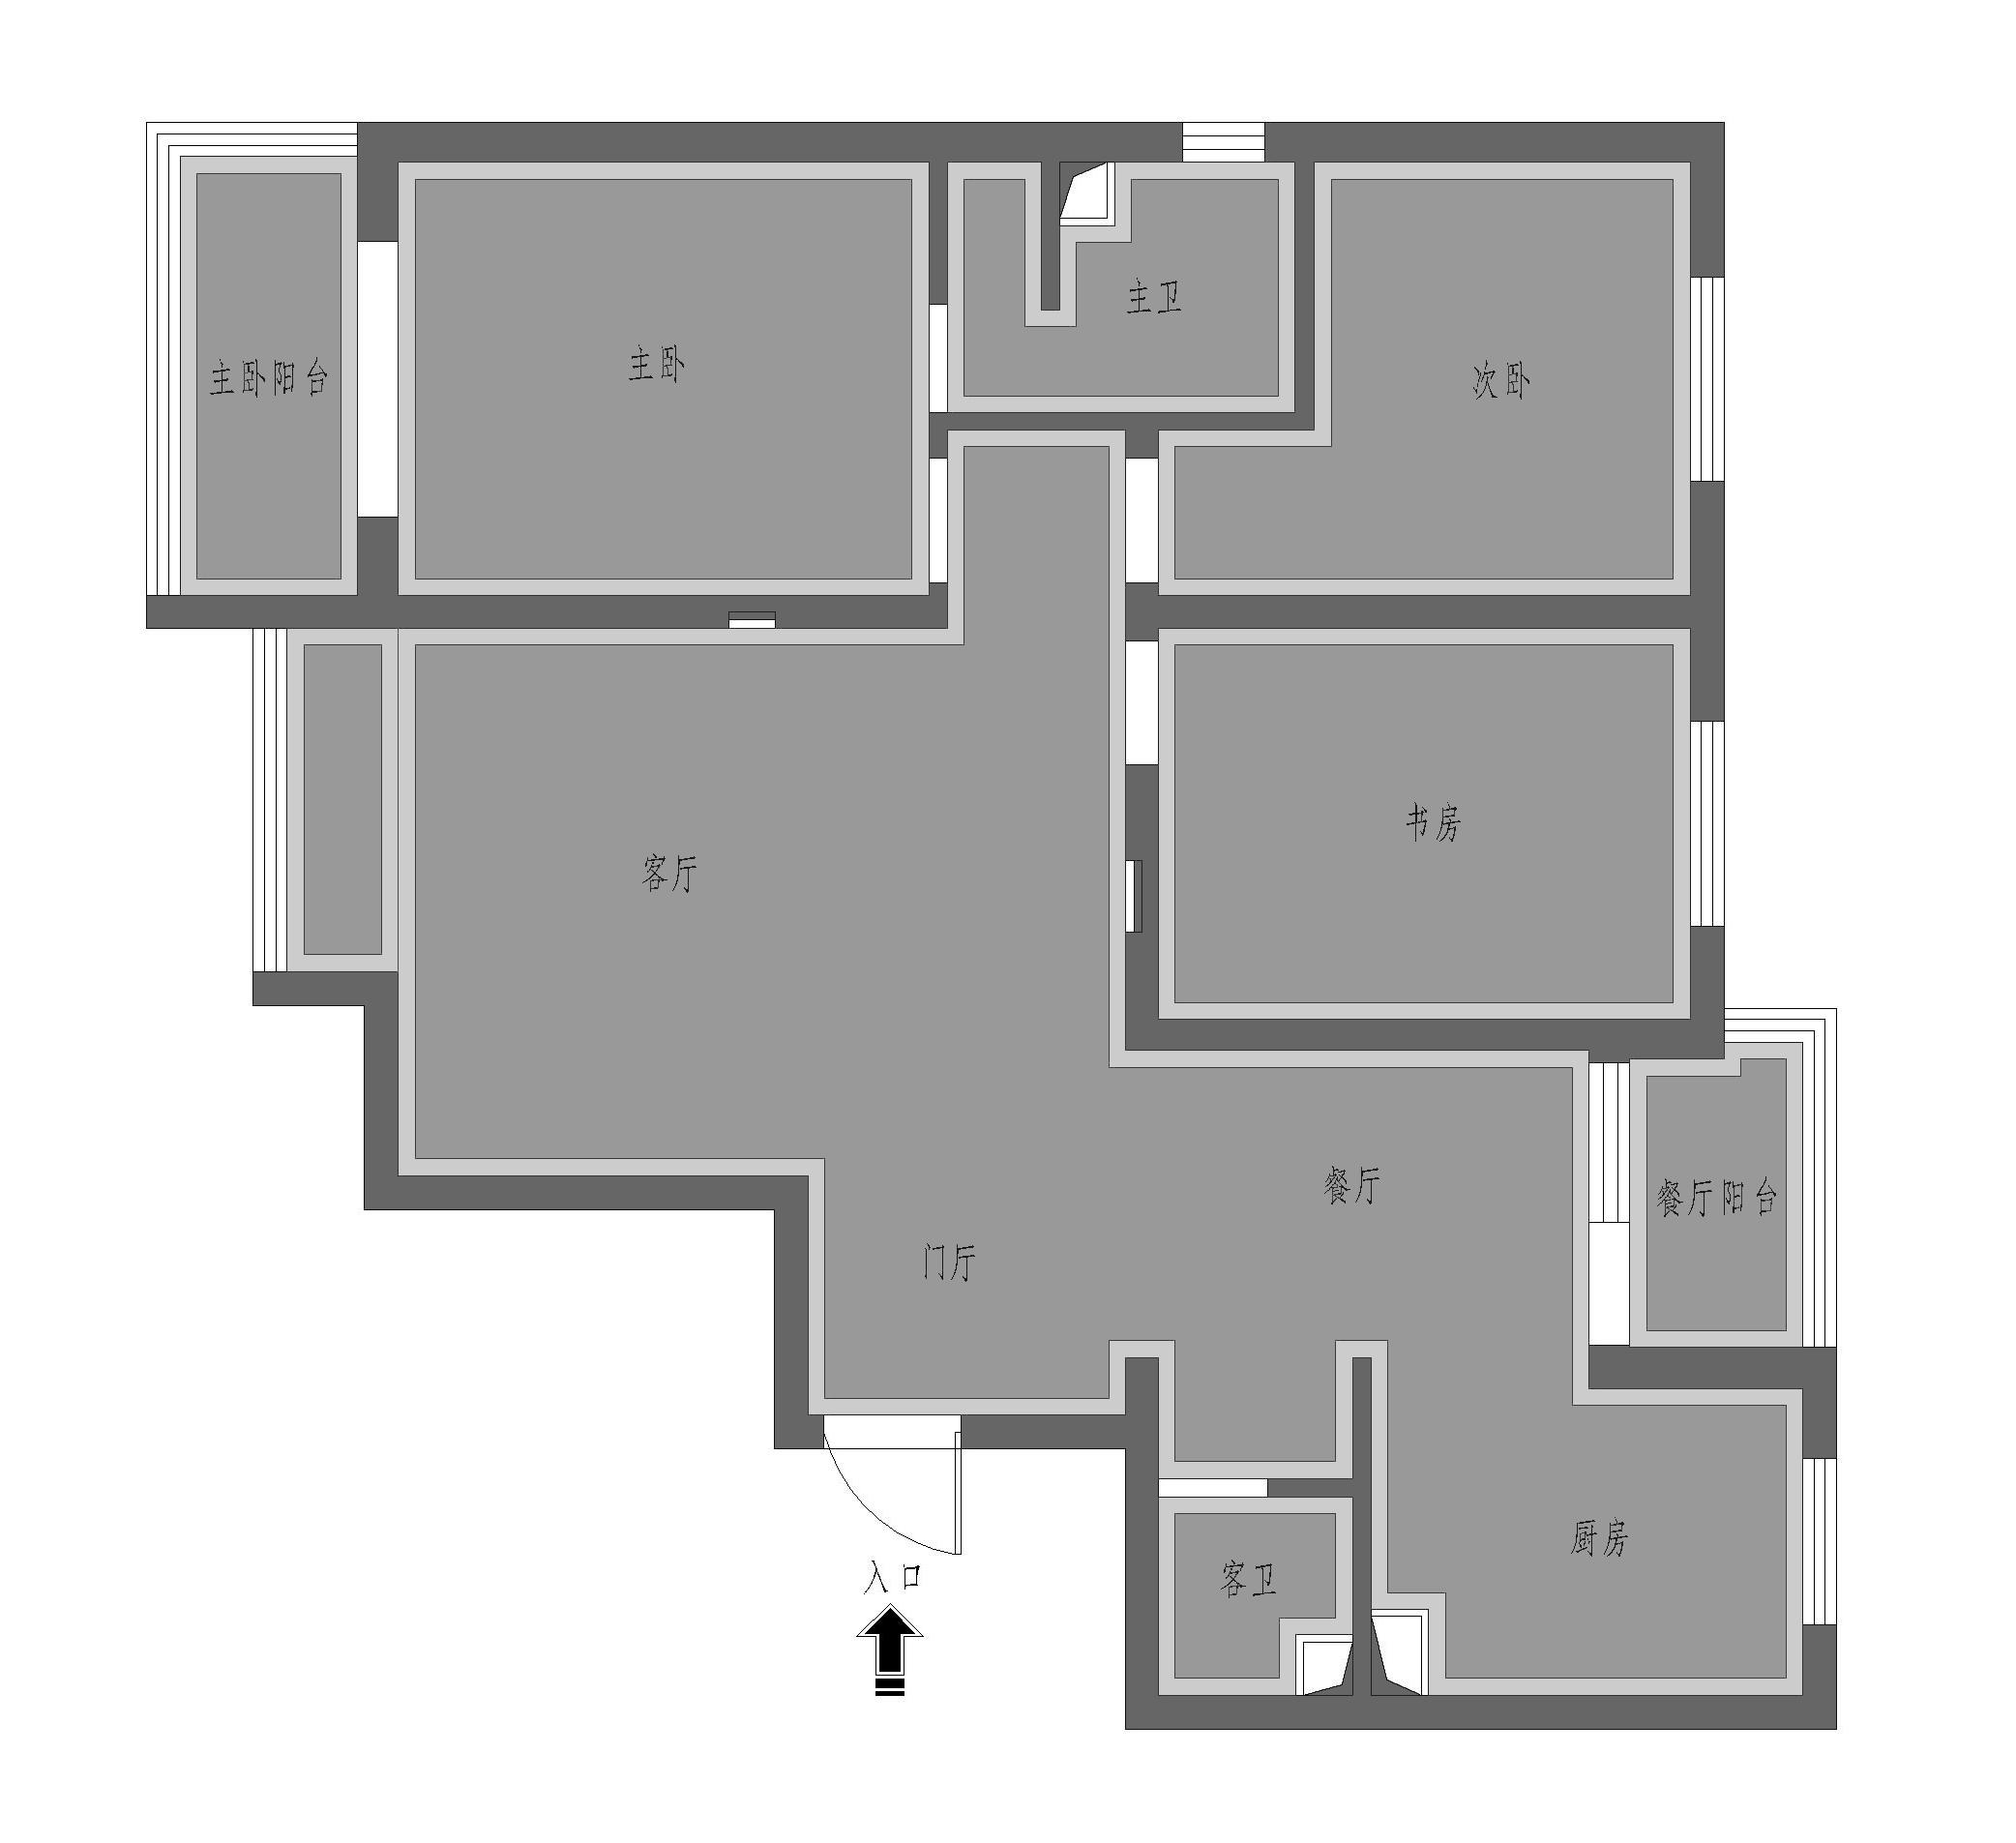 腾华雅苑三室两厅现代简约风格装修案例装修设计理念